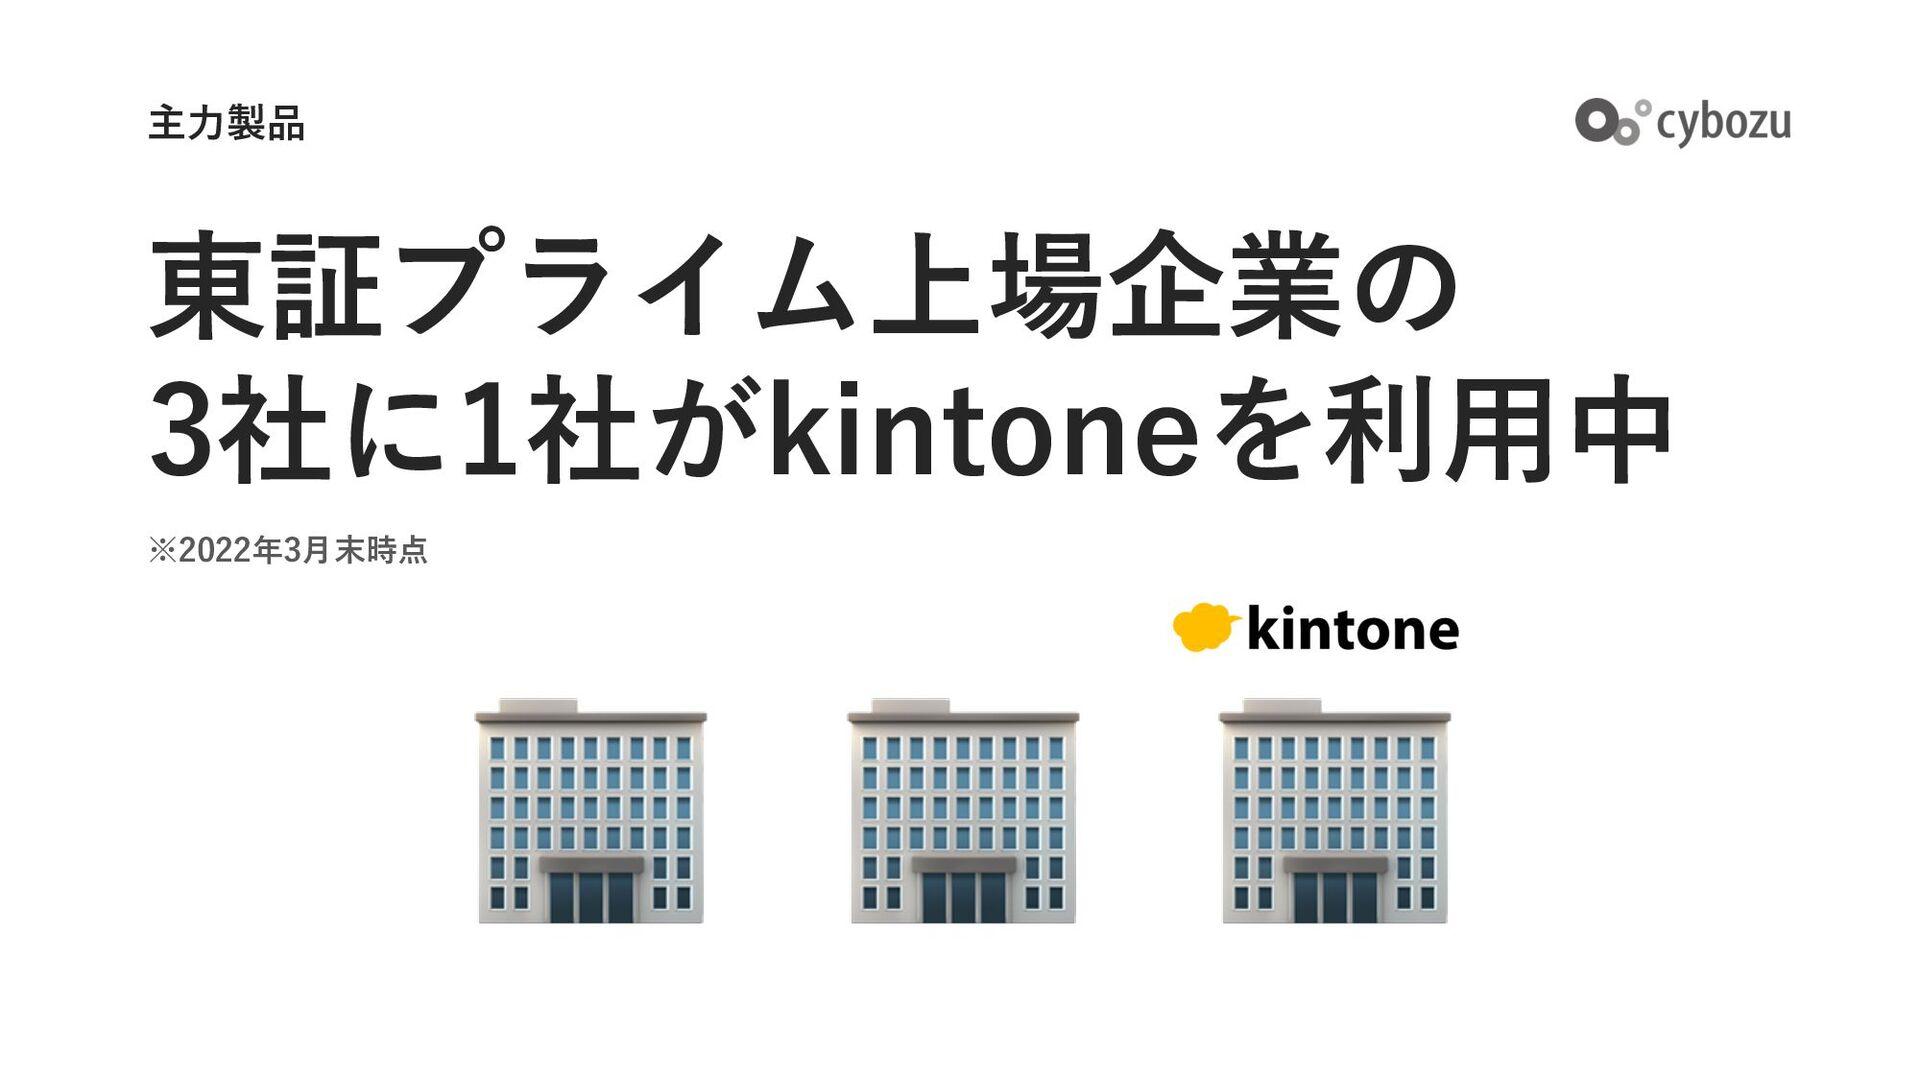 東証⼀部上場企業の 5社に1社が kintoneを利⽤中 主⼒製品 🏢 🏢 🏢 🏢 🏢 ※20...